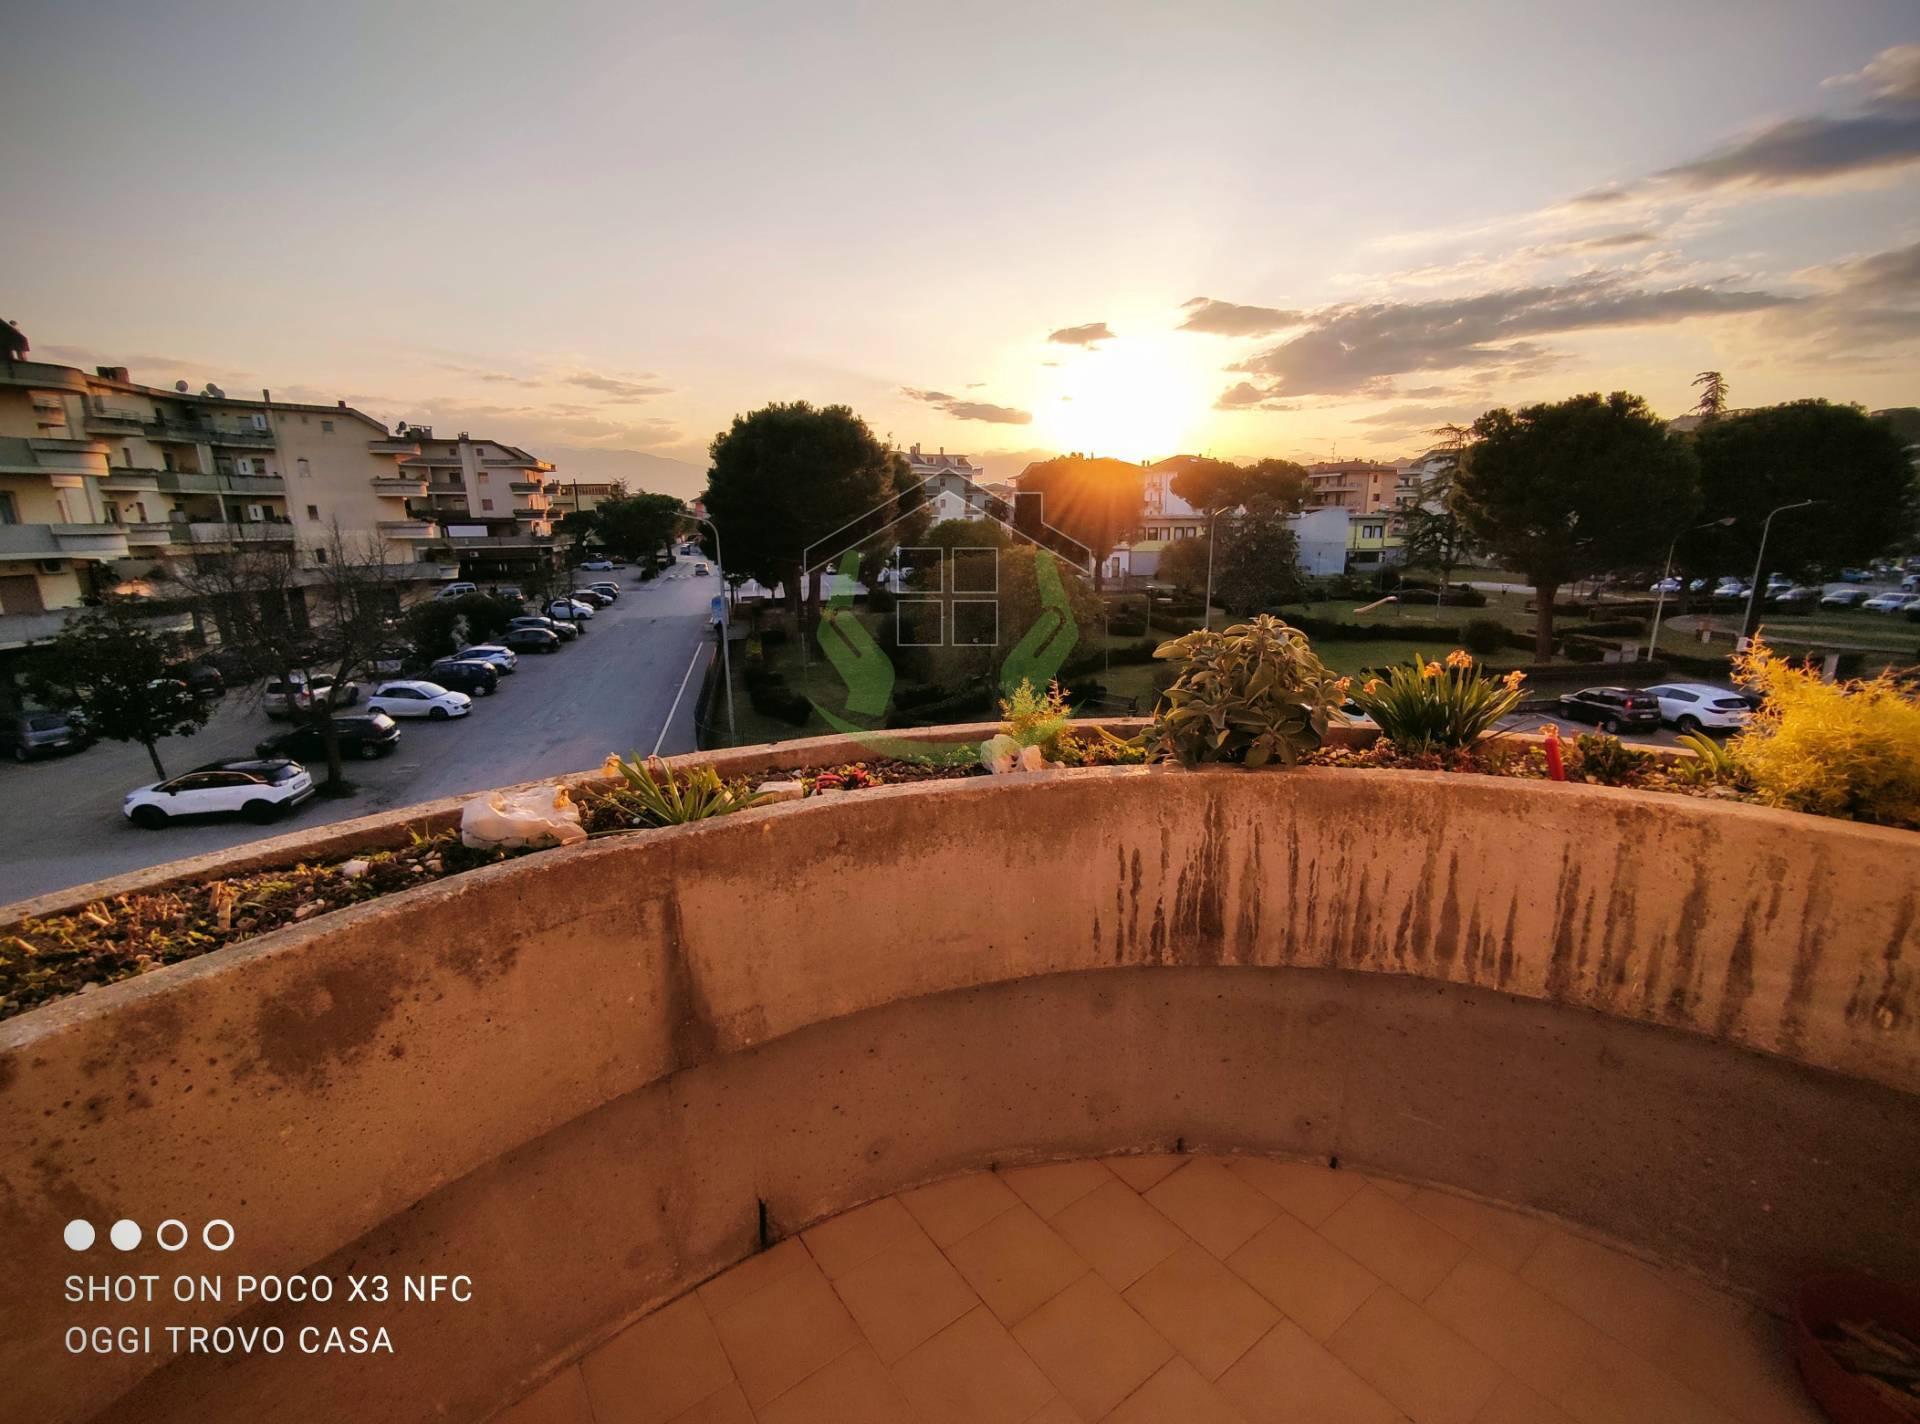 Appartamento in vendita a Monsampolo del Tronto, 5 locali, zona Località: StelladiMonsampolo, prezzo € 98.000   PortaleAgenzieImmobiliari.it